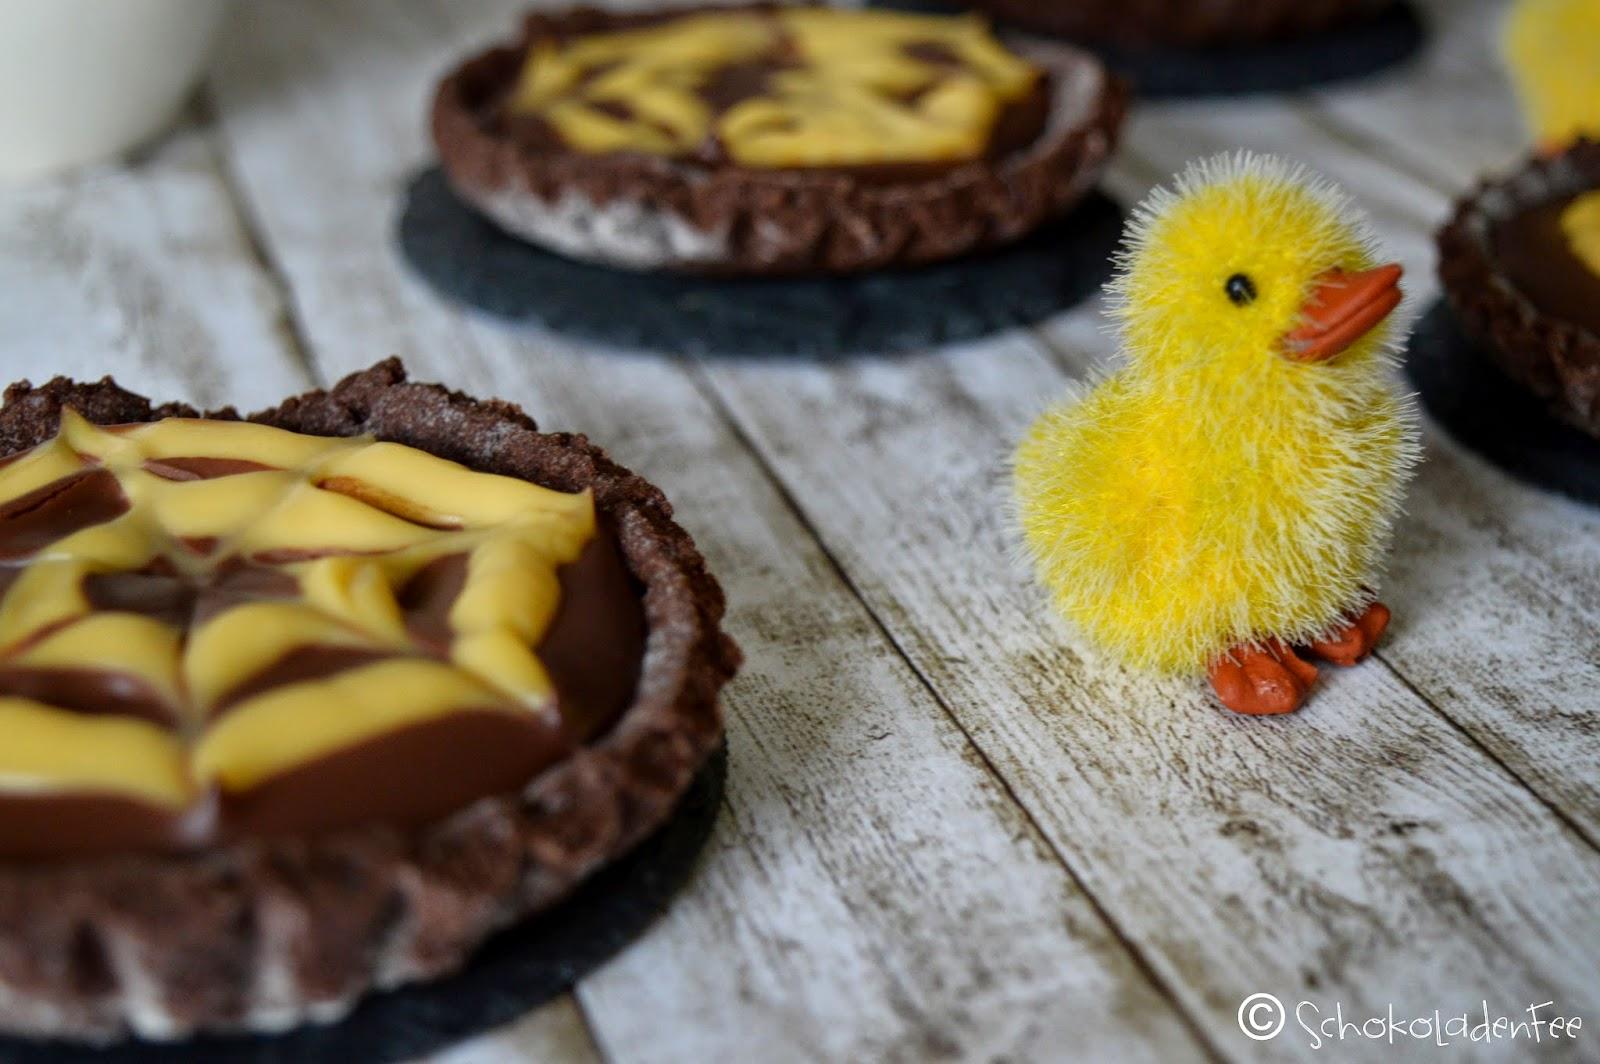 http://schokoladen-fee.blogspot.de/2015/03/passionsfrucht-schokoladen-toertchen.html